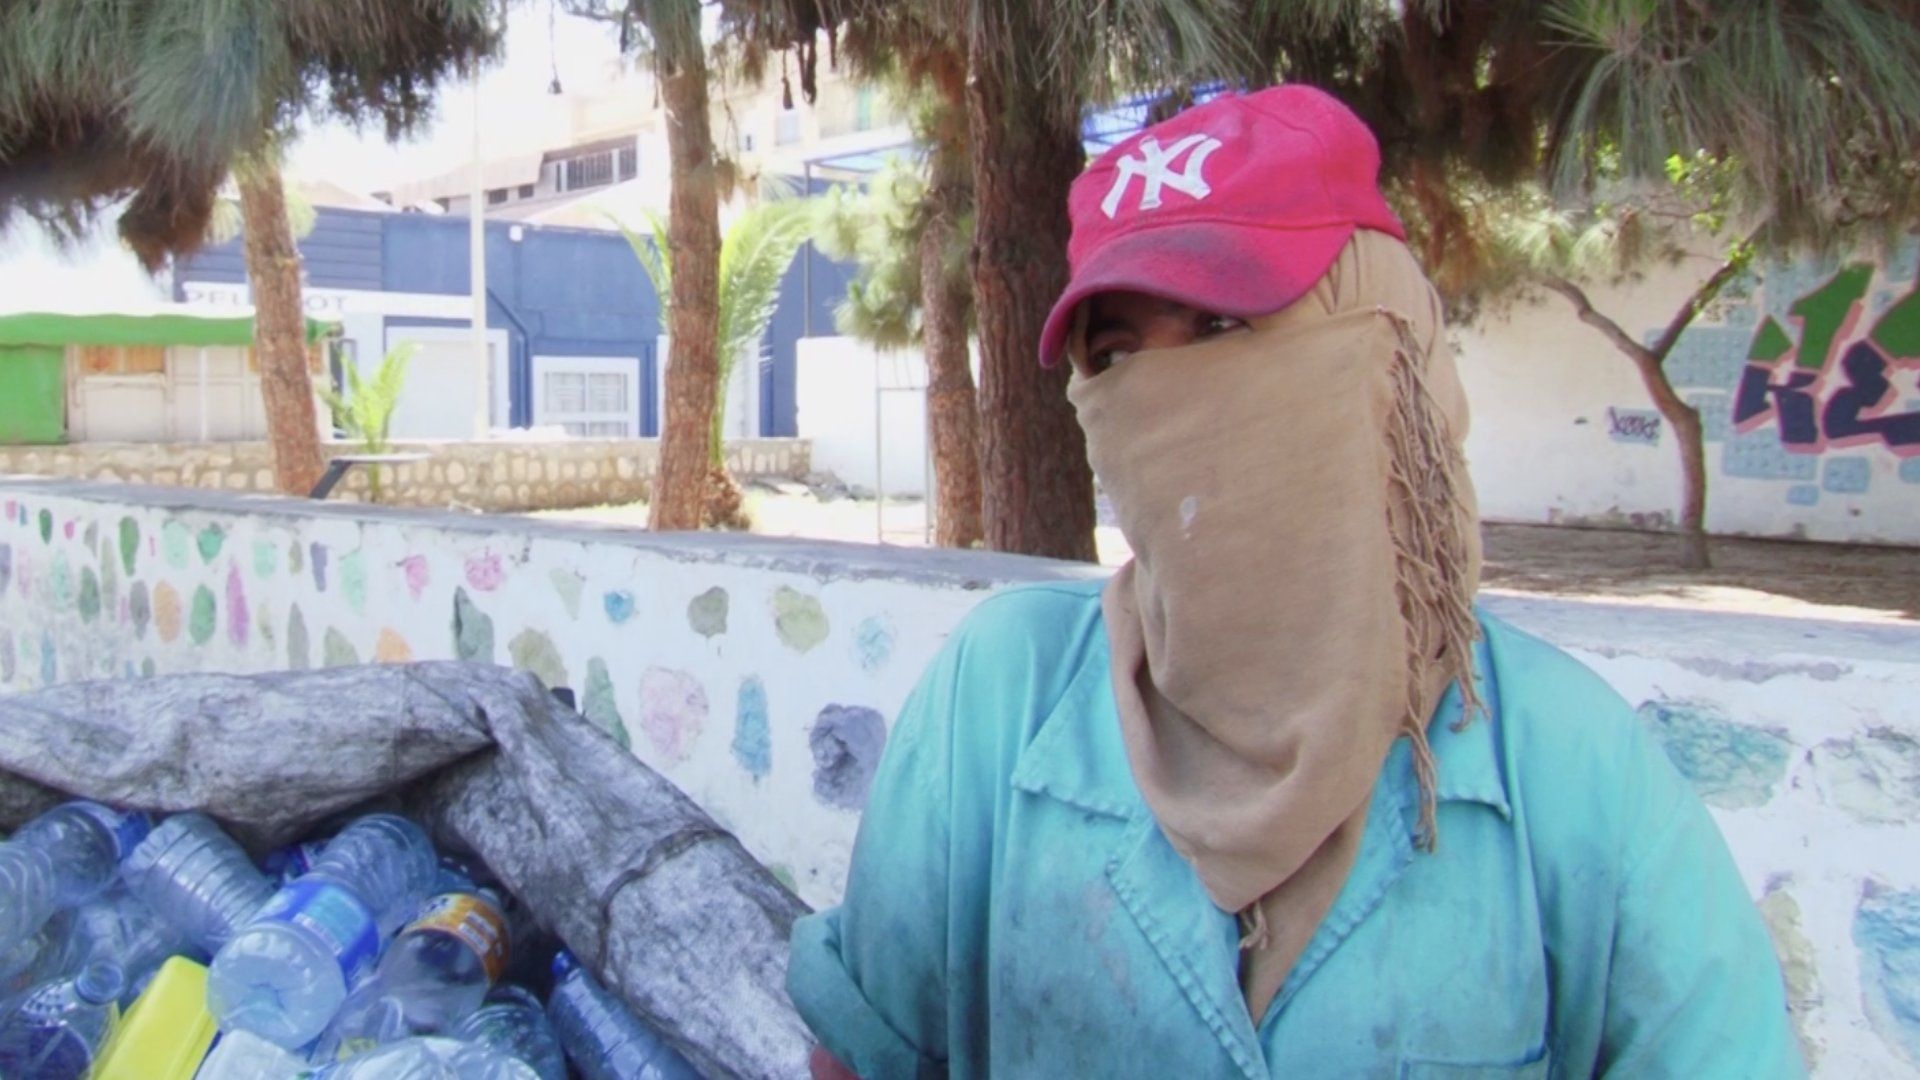 الشابة خيرة من تونس تروي قصتها لأخبار الآن